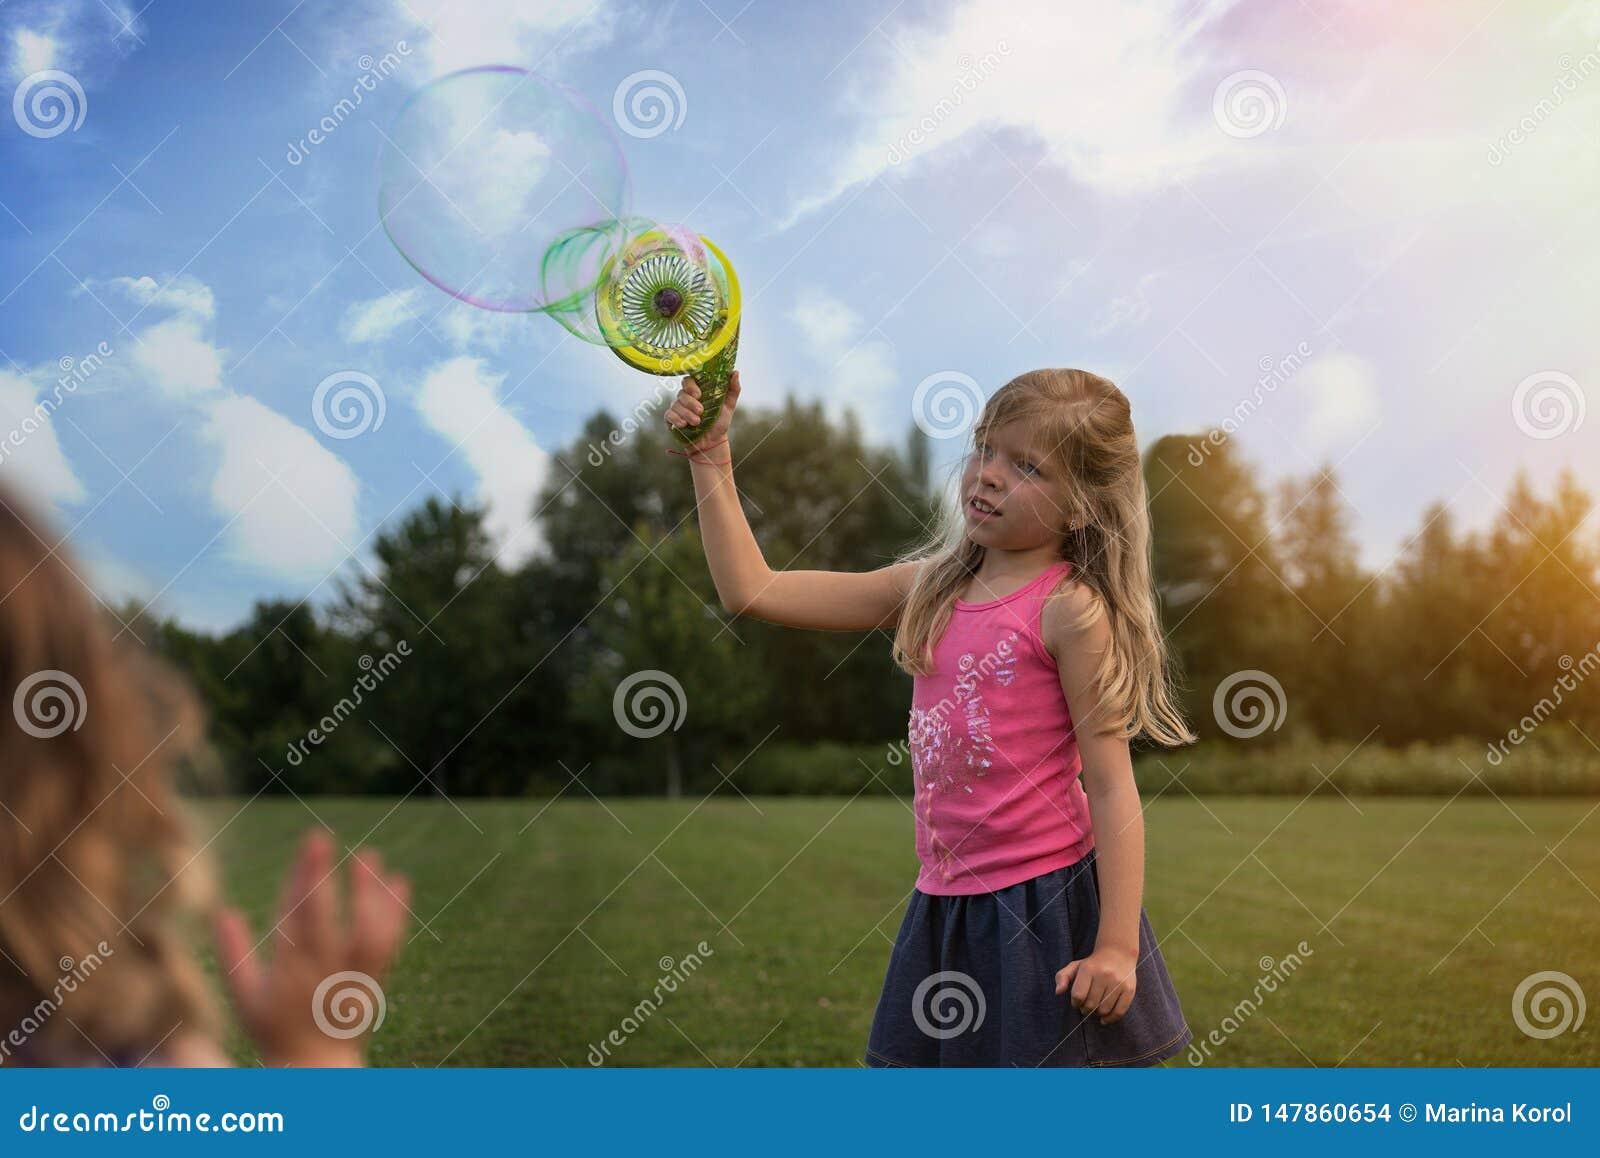 Милая белокурая кавказская девушка делает пузыри на поле